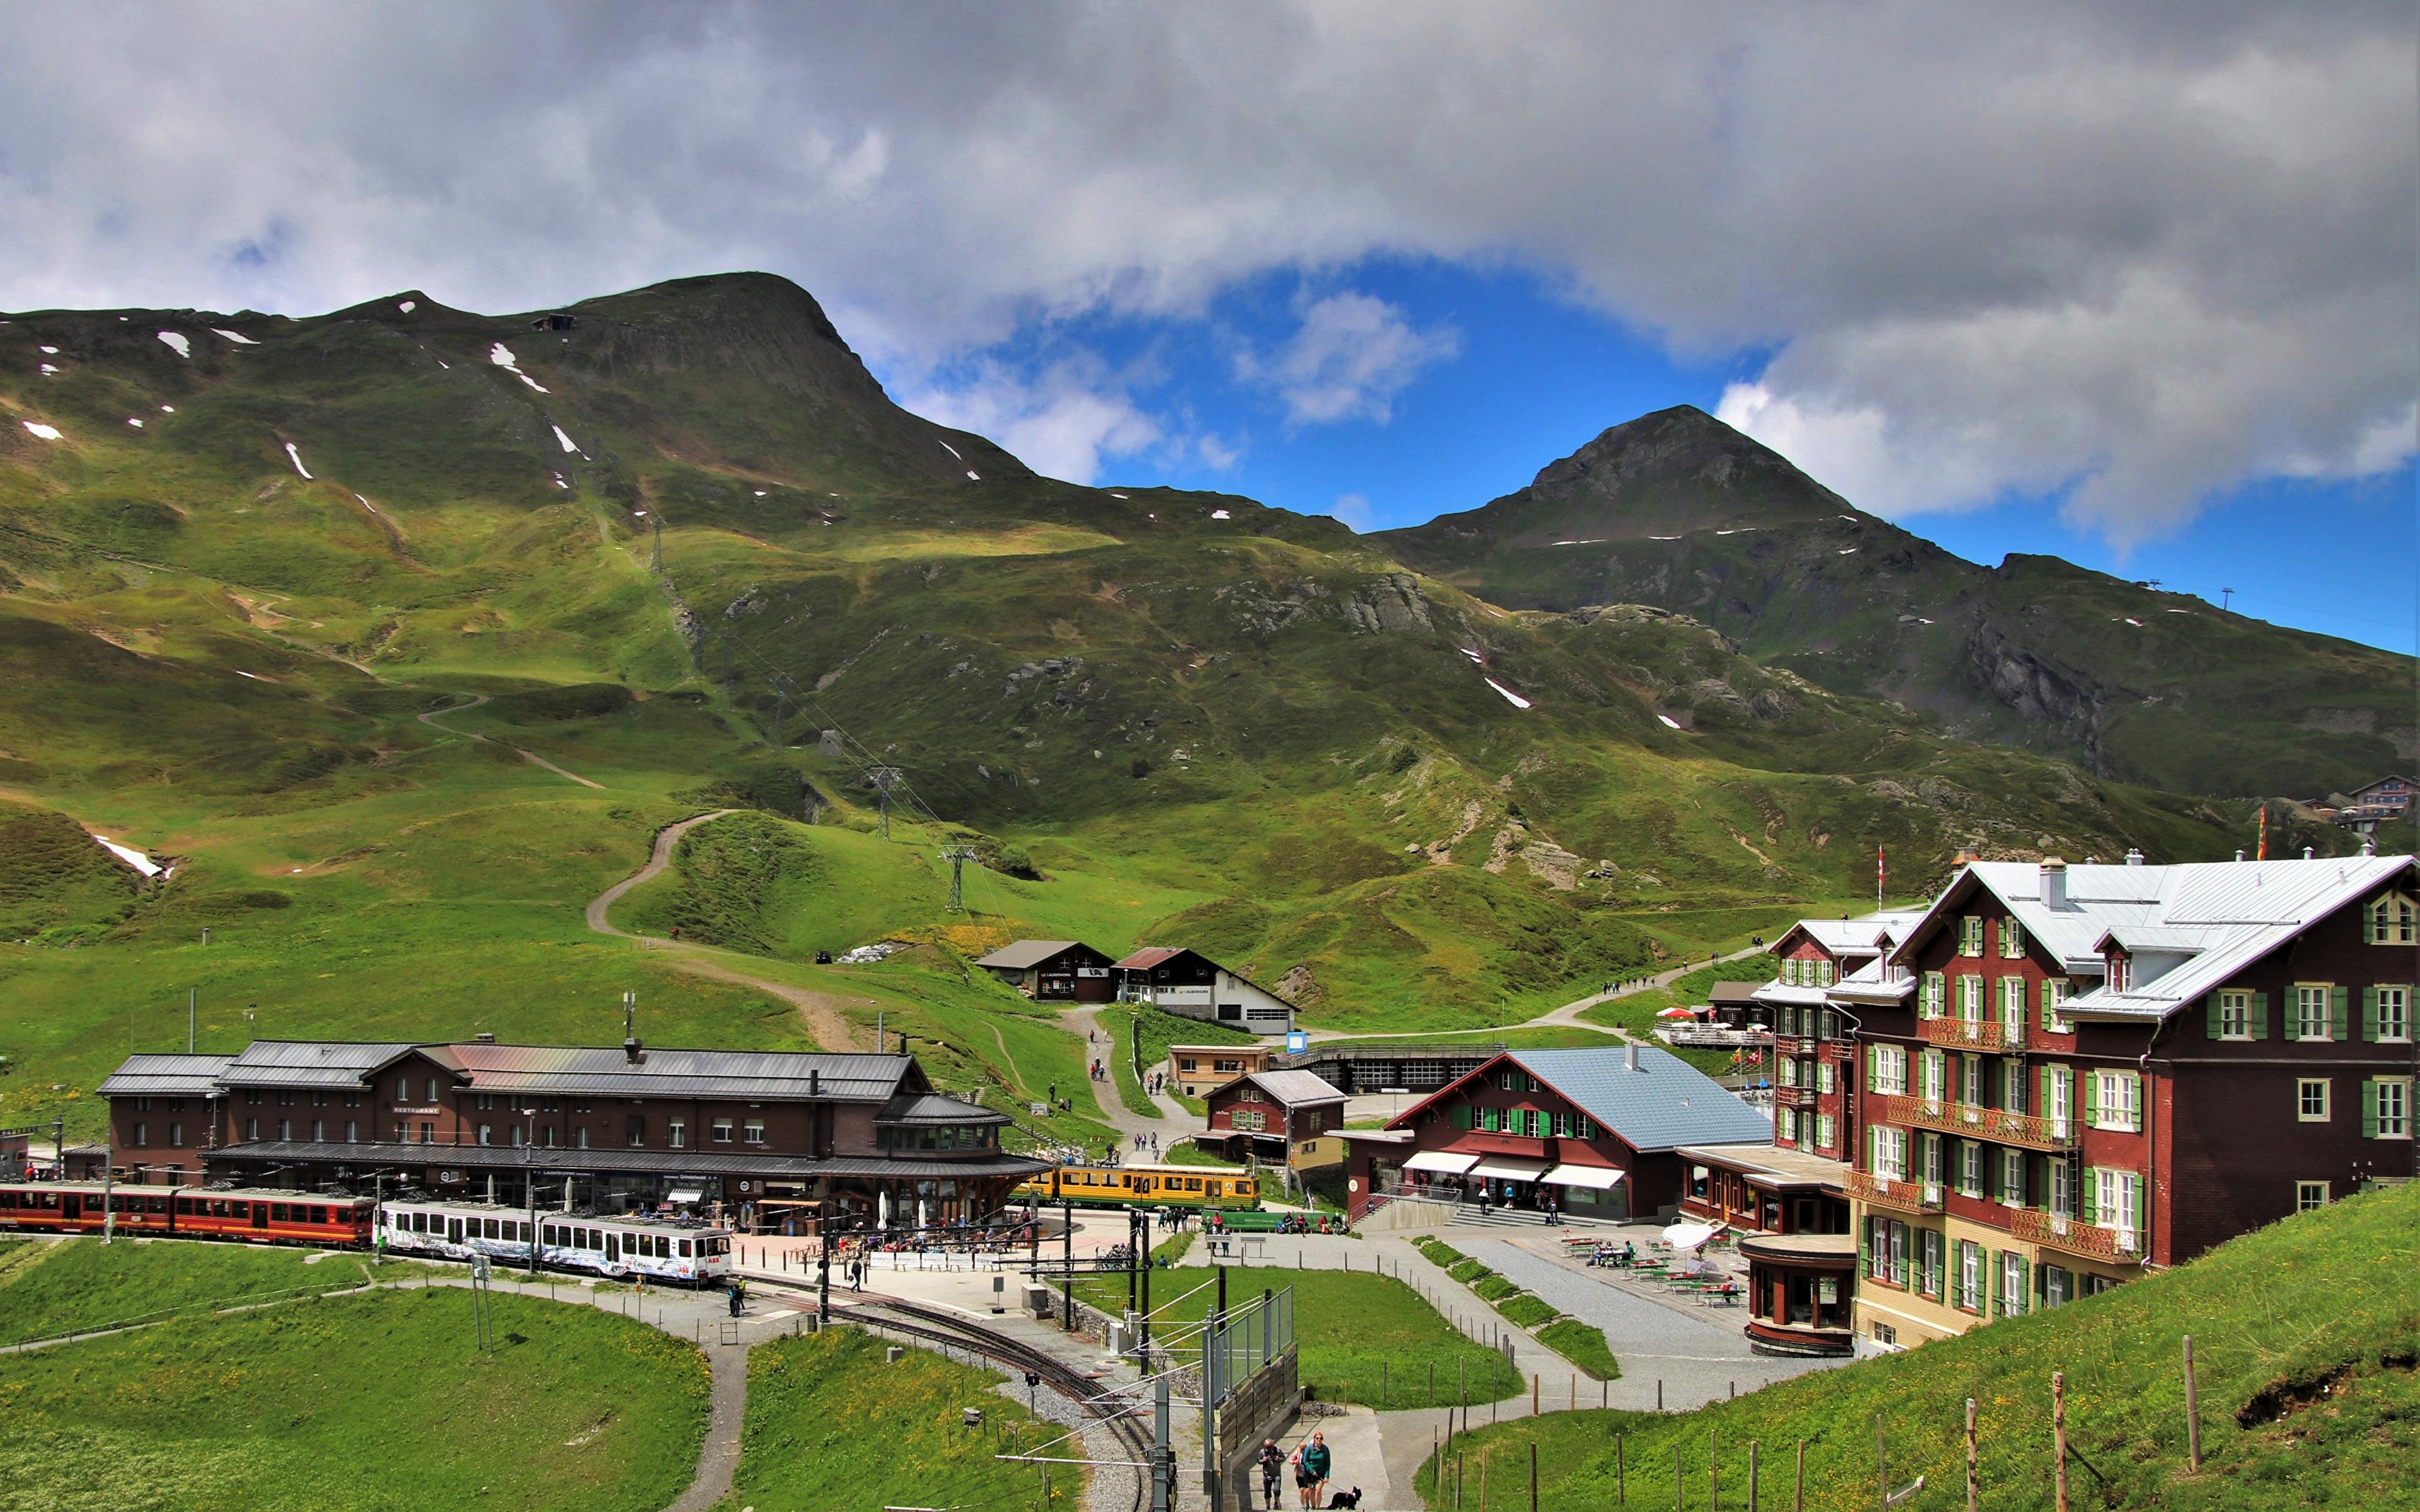 Bilder von Alpen Schweiz Jungfrau Berg Natur Züge Eisenbahn 3840x2400 Gebirge